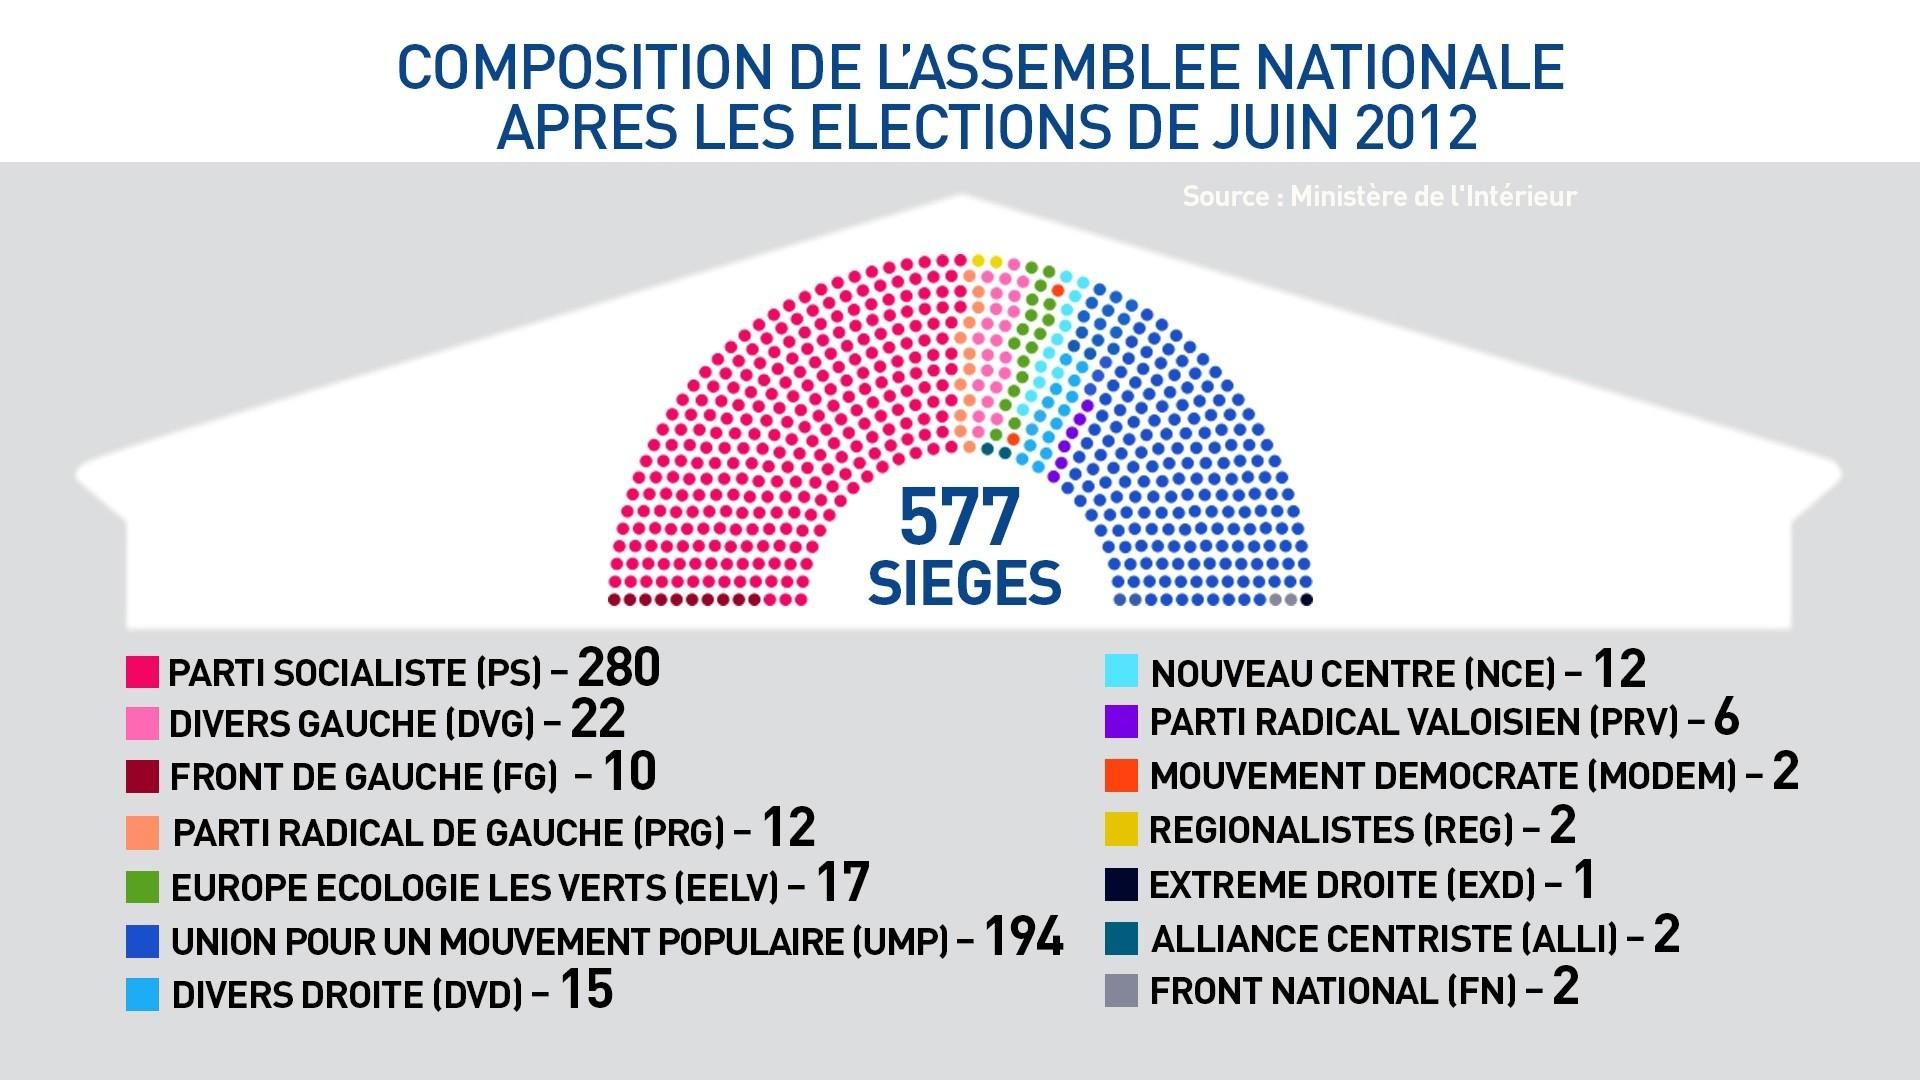 Résultats des différentes élections depuis l'arrivée de François Hollande au pouvoir